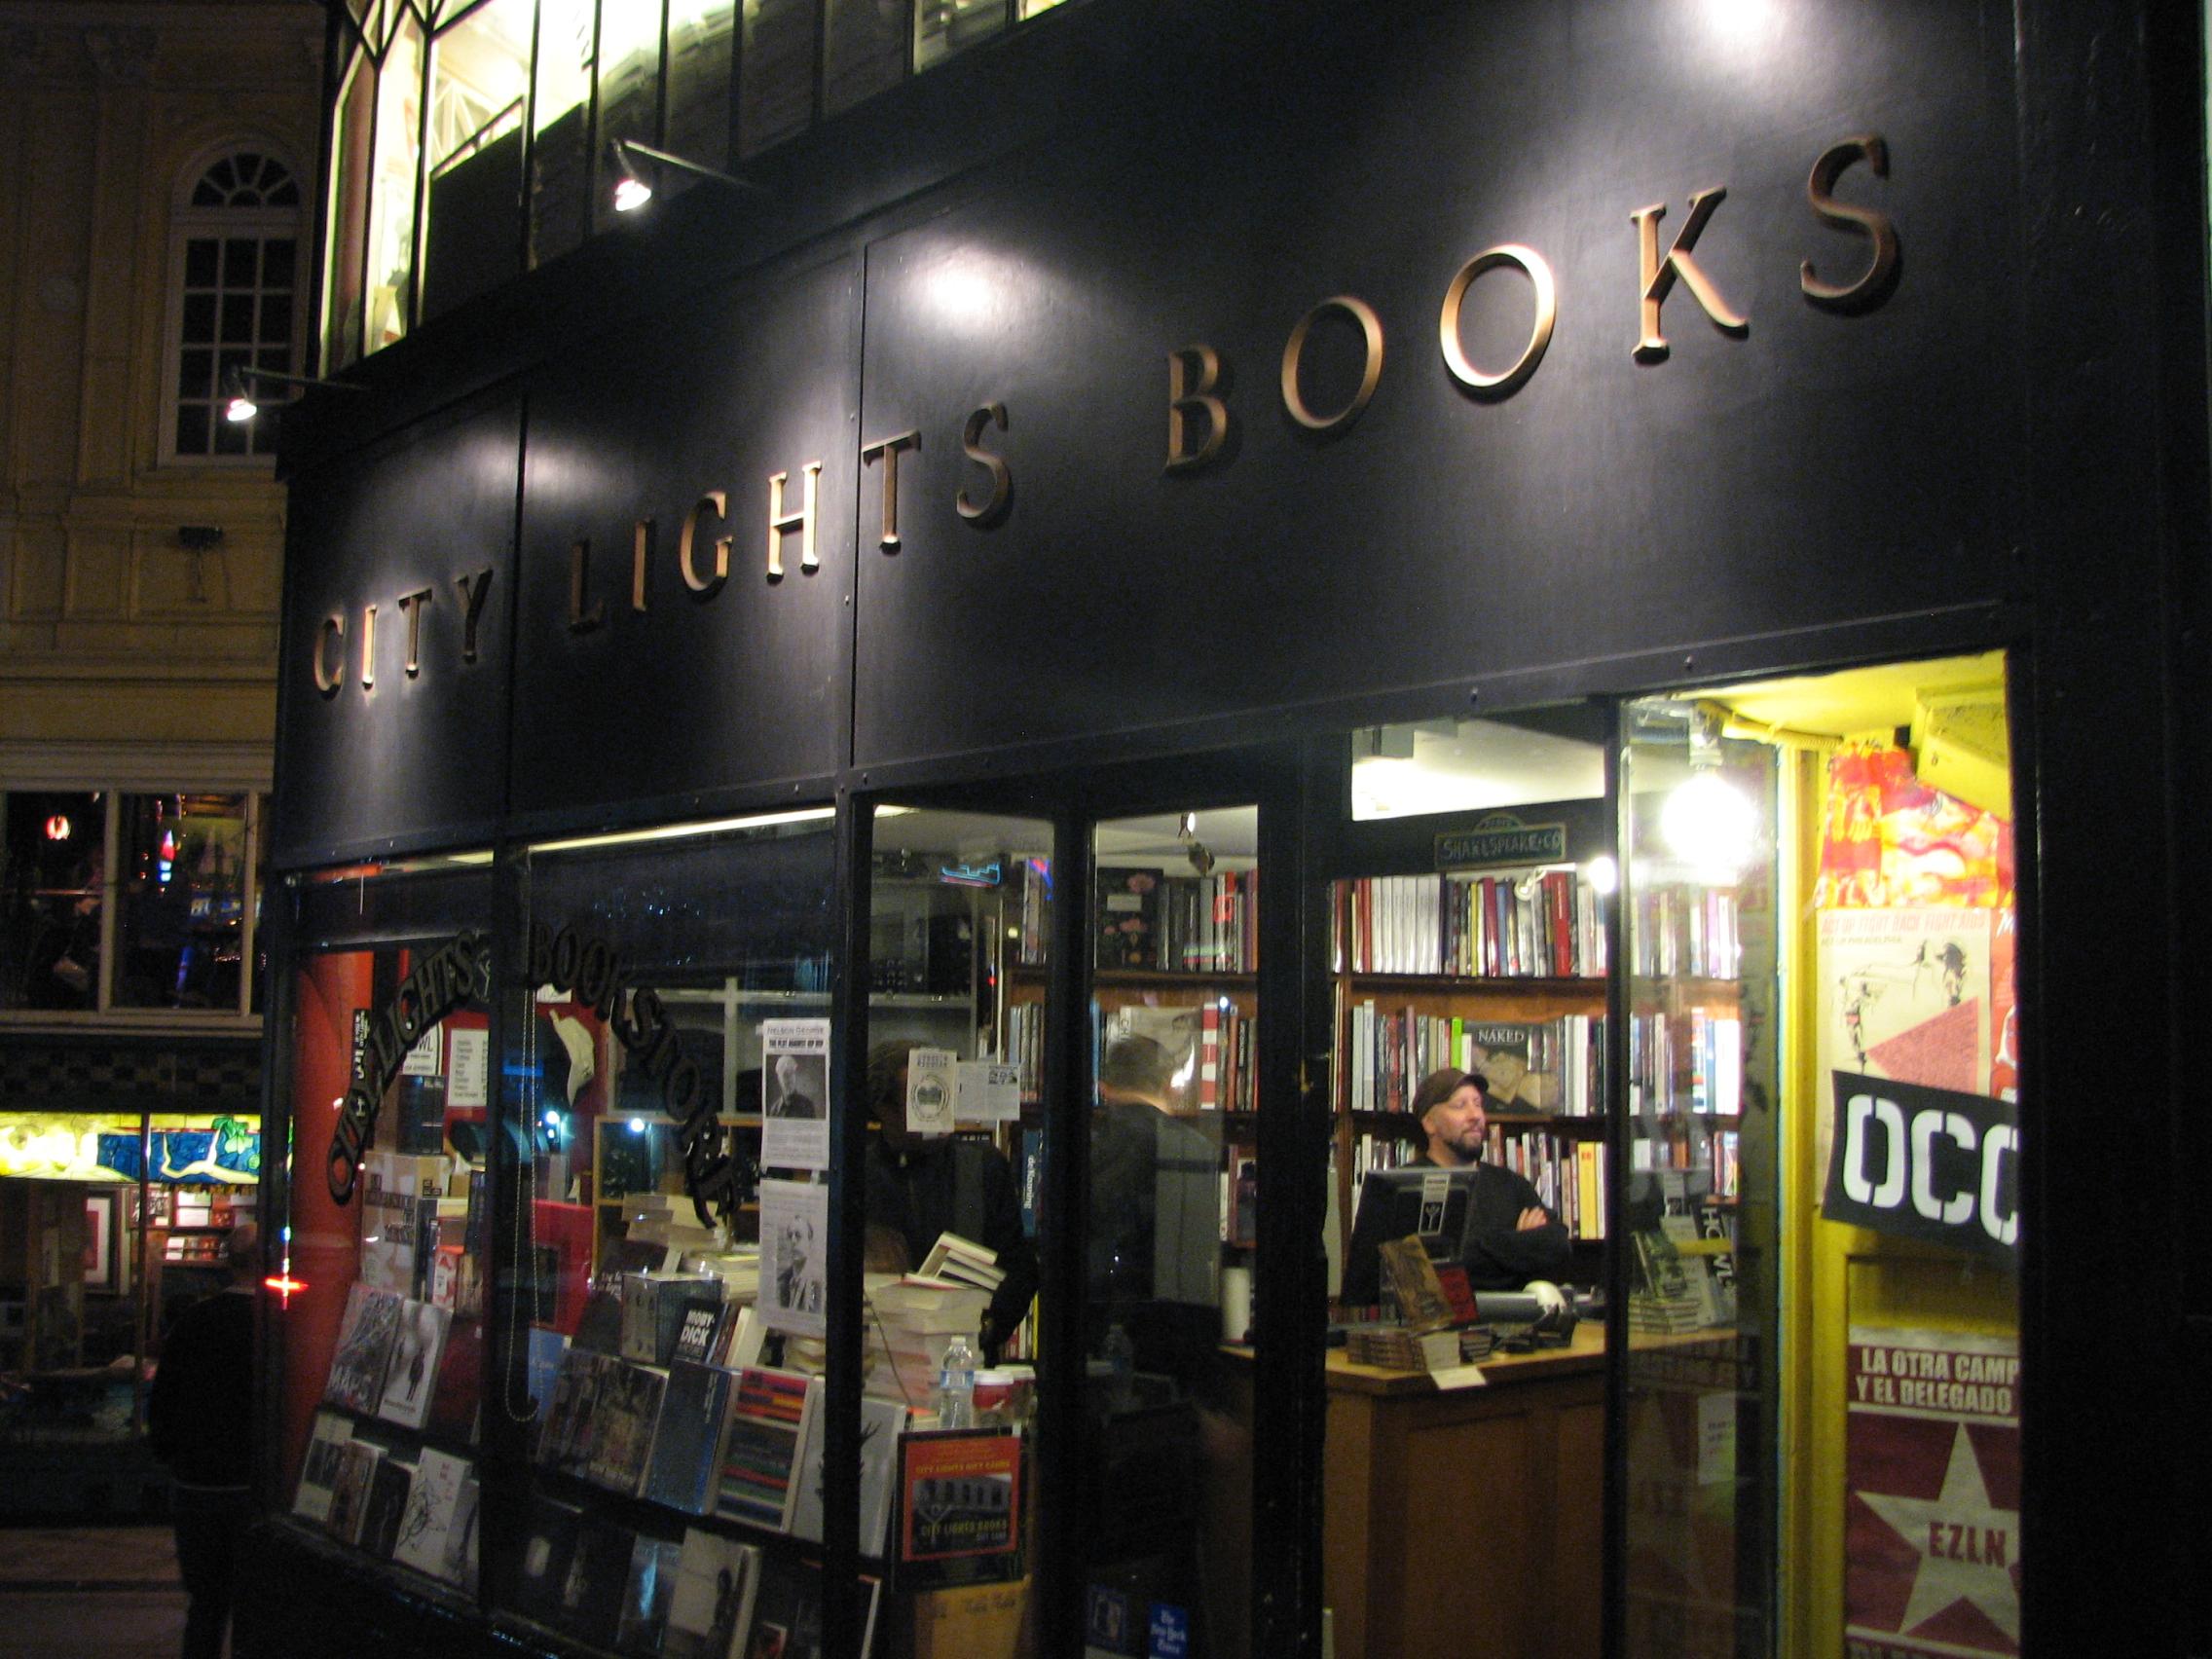 FileCity Lights Bookstore Nightg Wikimedia mons